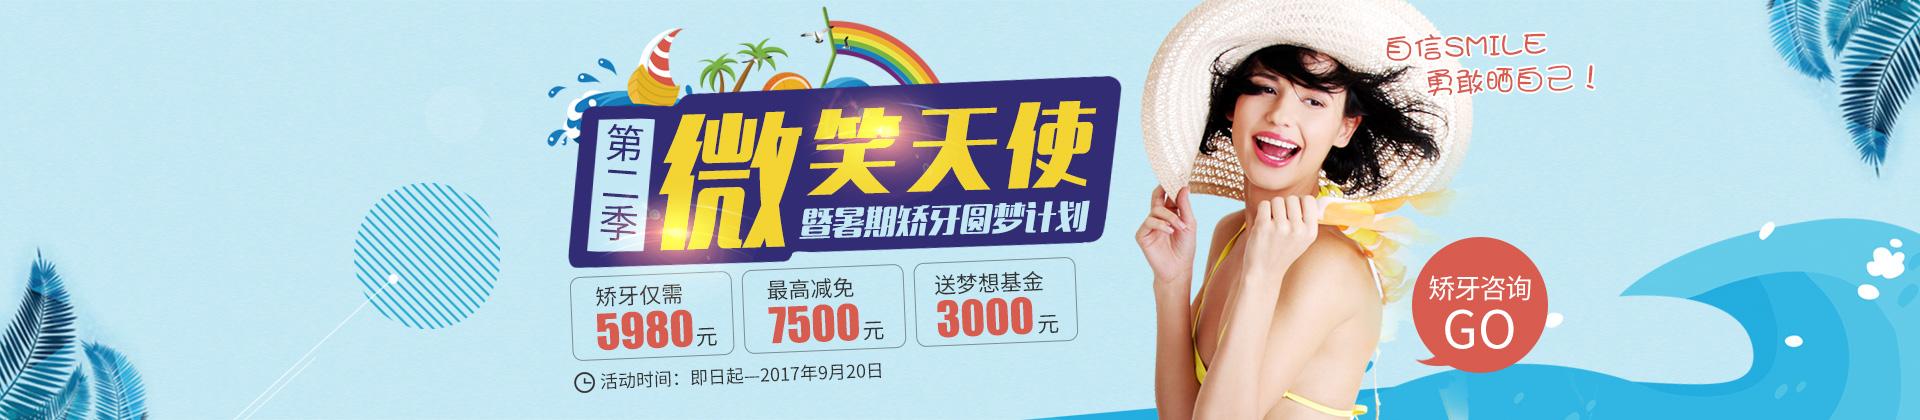 暑期圆梦计划 牙齿矫正5980元